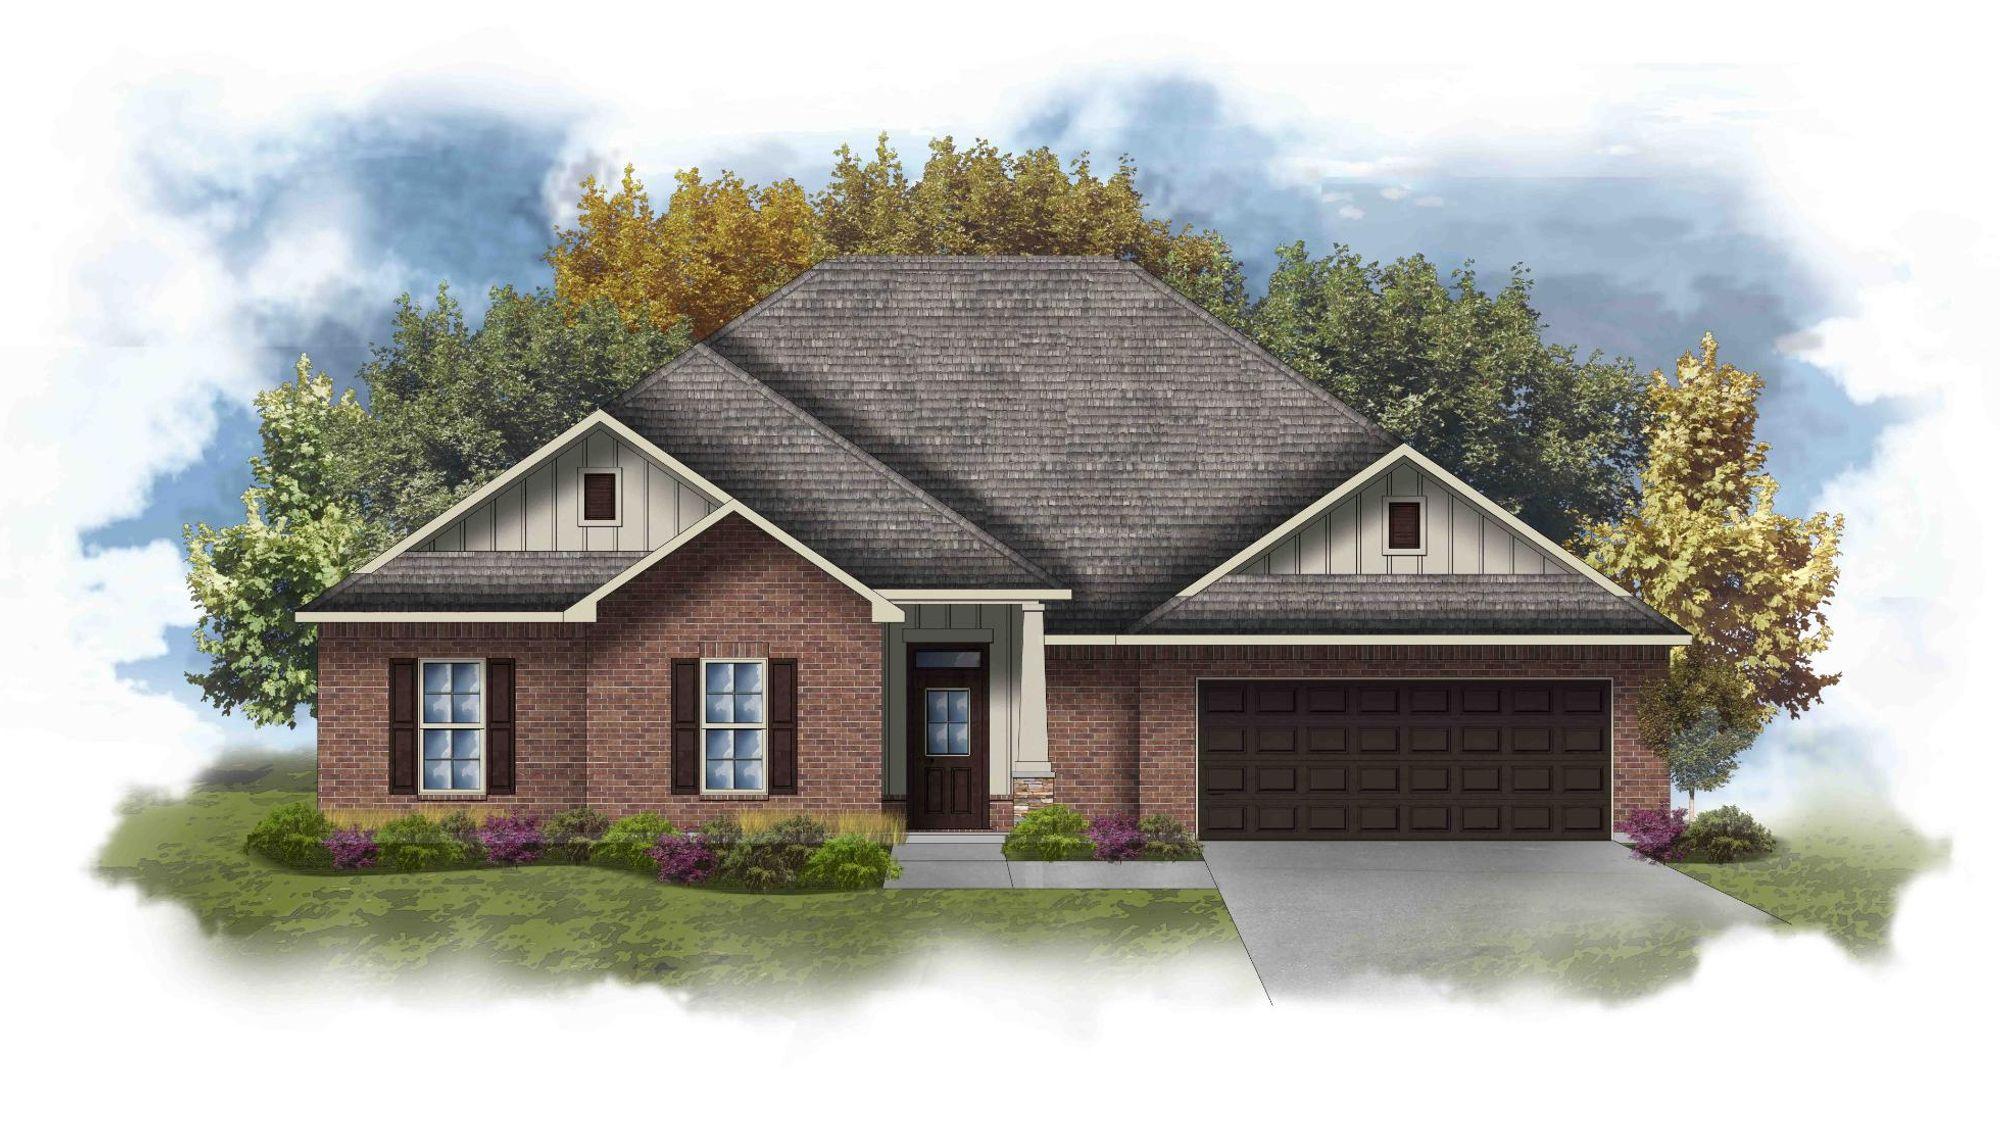 Coolidge III J - Open Floor Plan - DSLD Homes